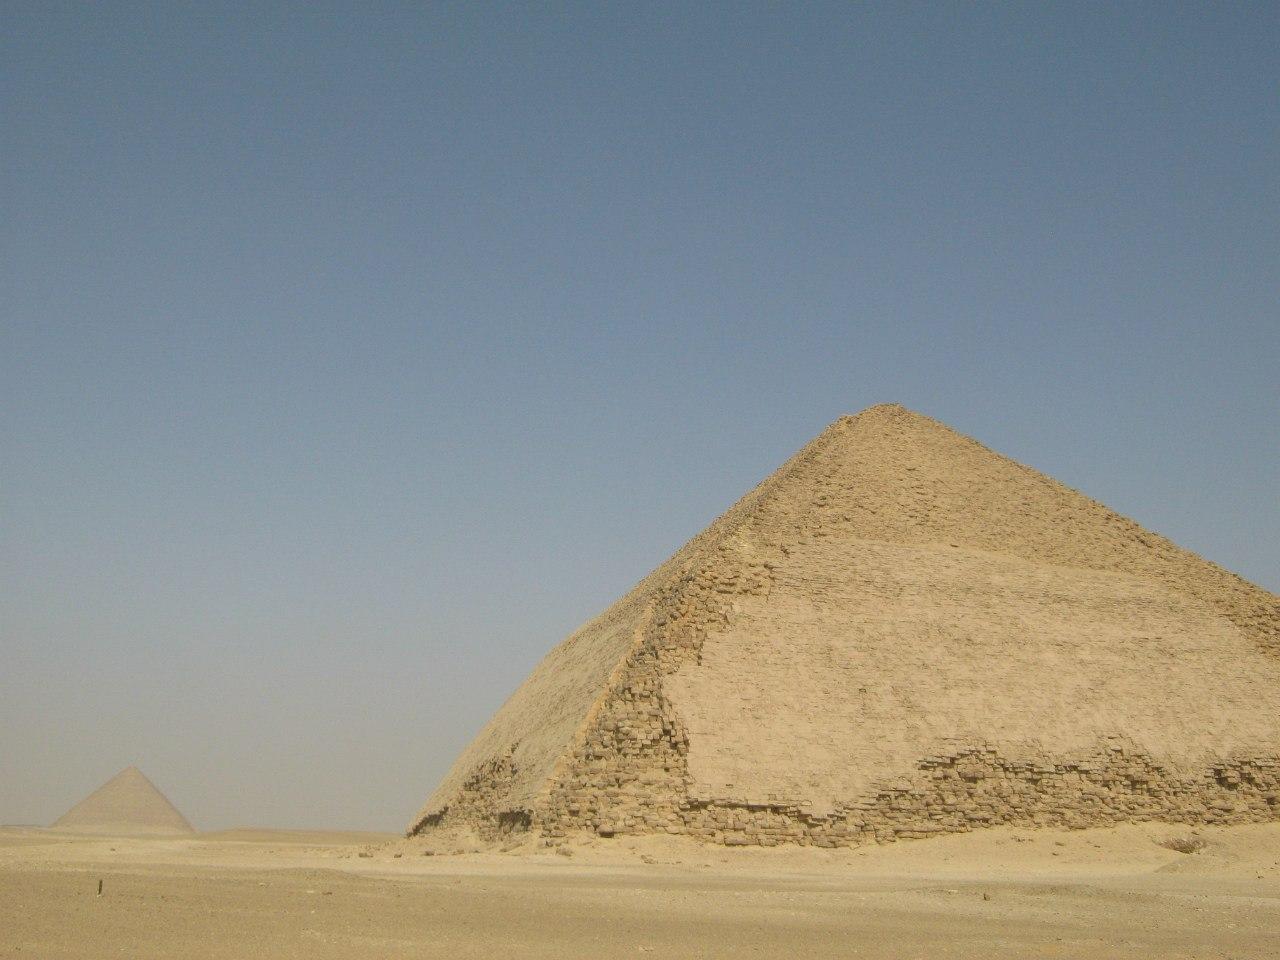 комплекс пирамид Дахшур